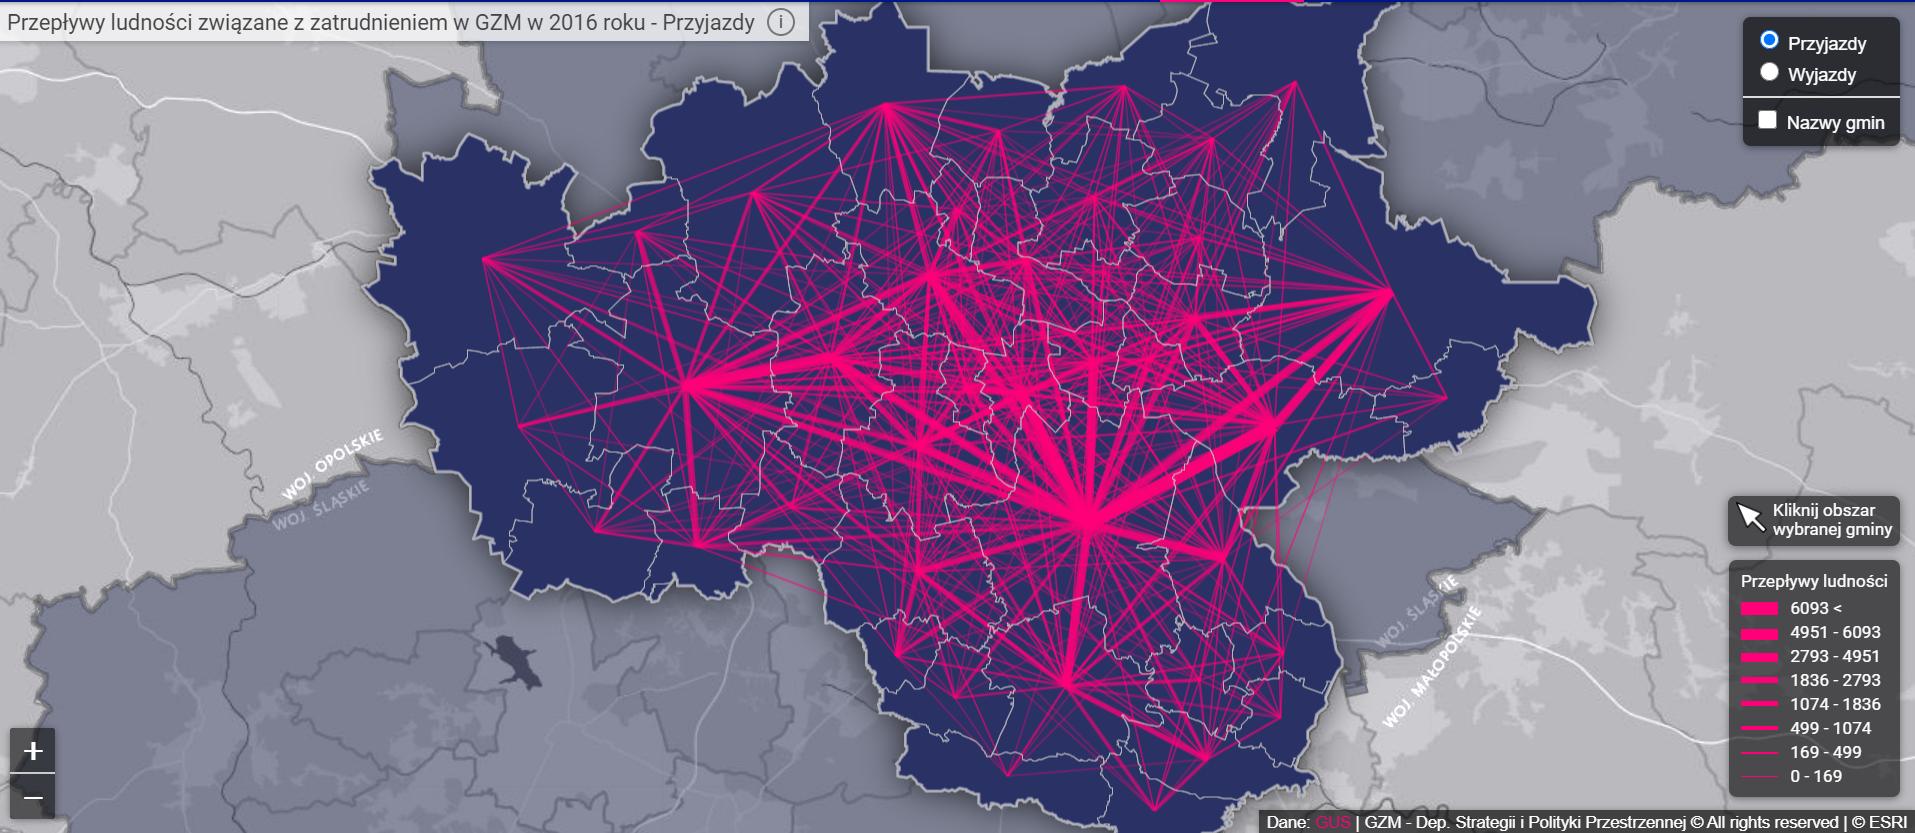 Przepływy ludności związane z zatrudnieniem na terenie GZM (Fot. InfoGZM)